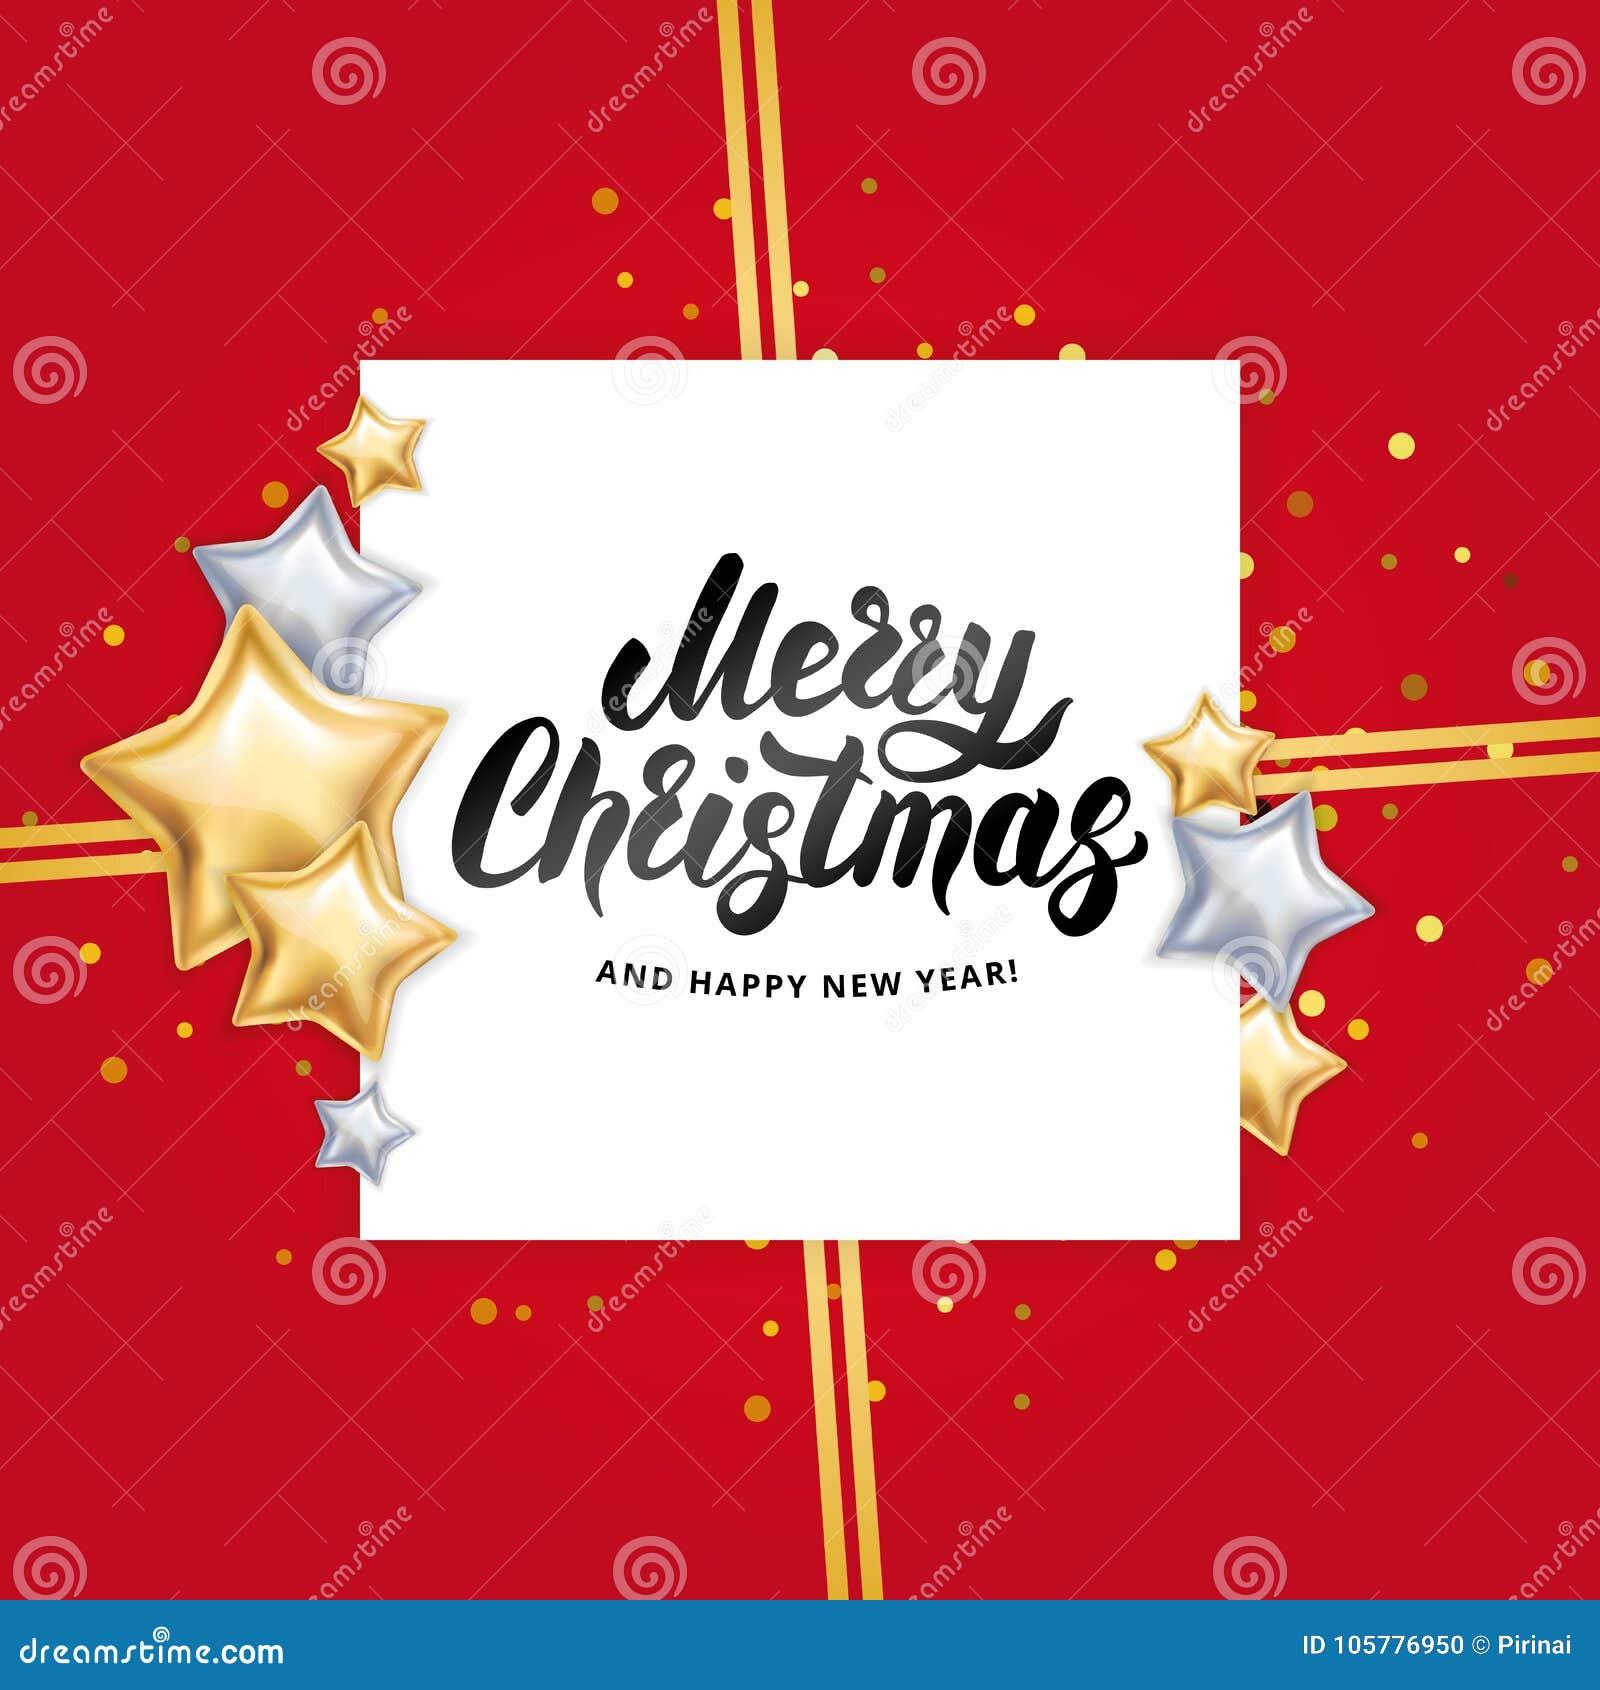 Gold star Merry Christmas stock vector. Illustration of festive ...